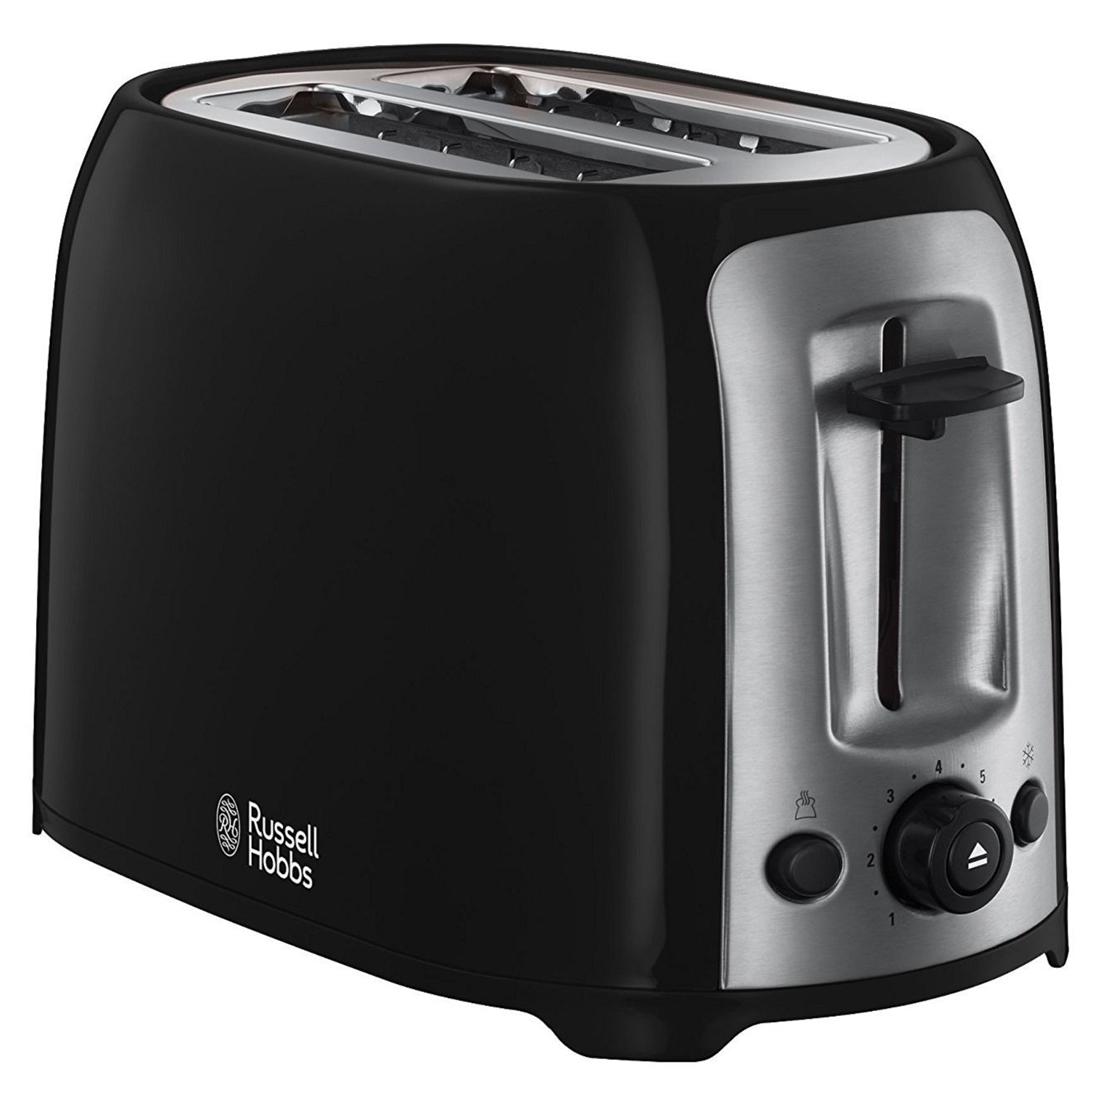 Image of 2 Slice Toaster Reheat Setting Black